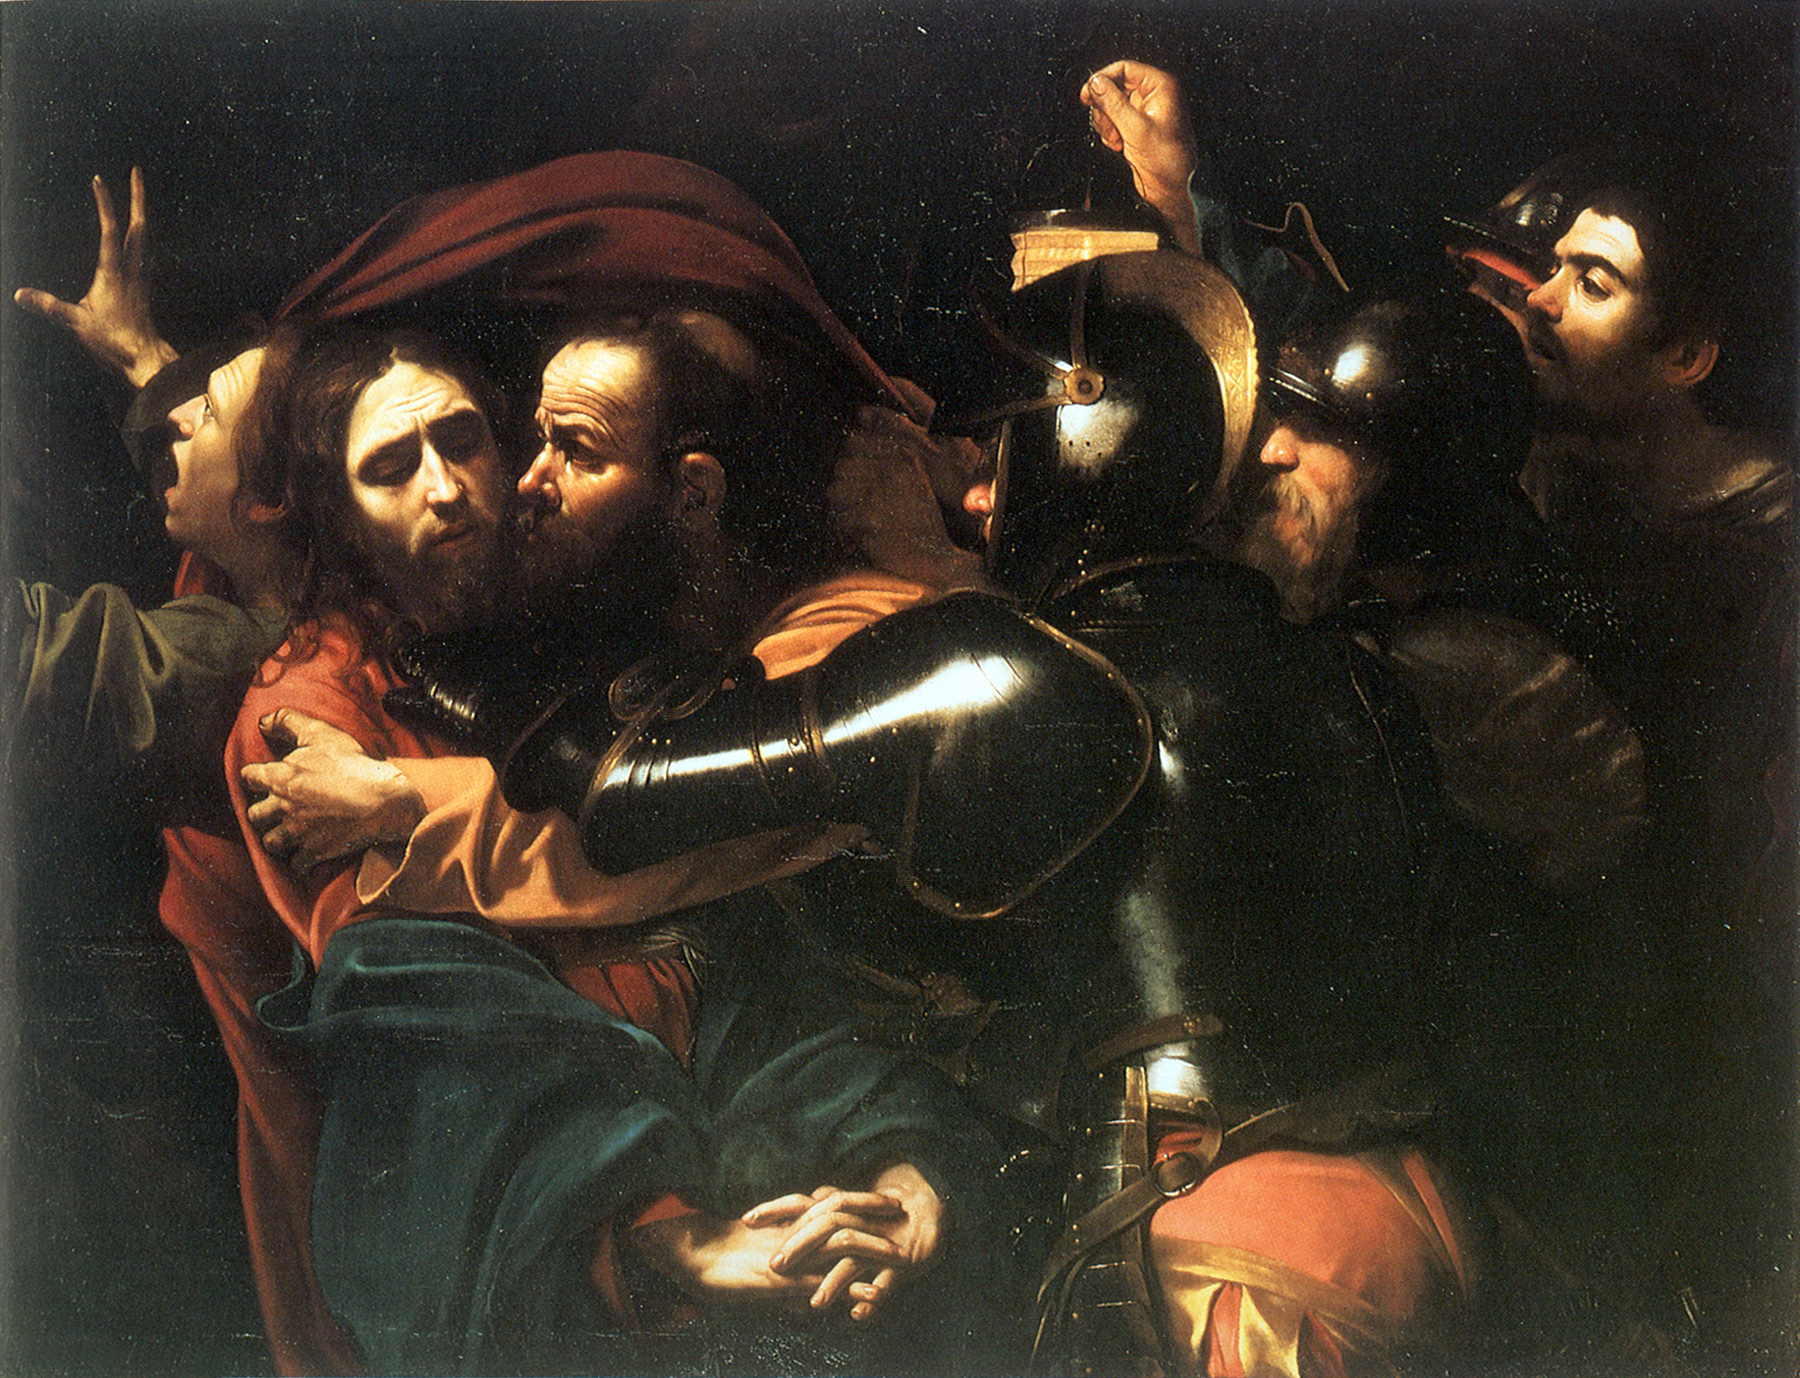 Un'opera d'arte al giorno - Pagina 2 Caravaggio-cattura-di-cristo